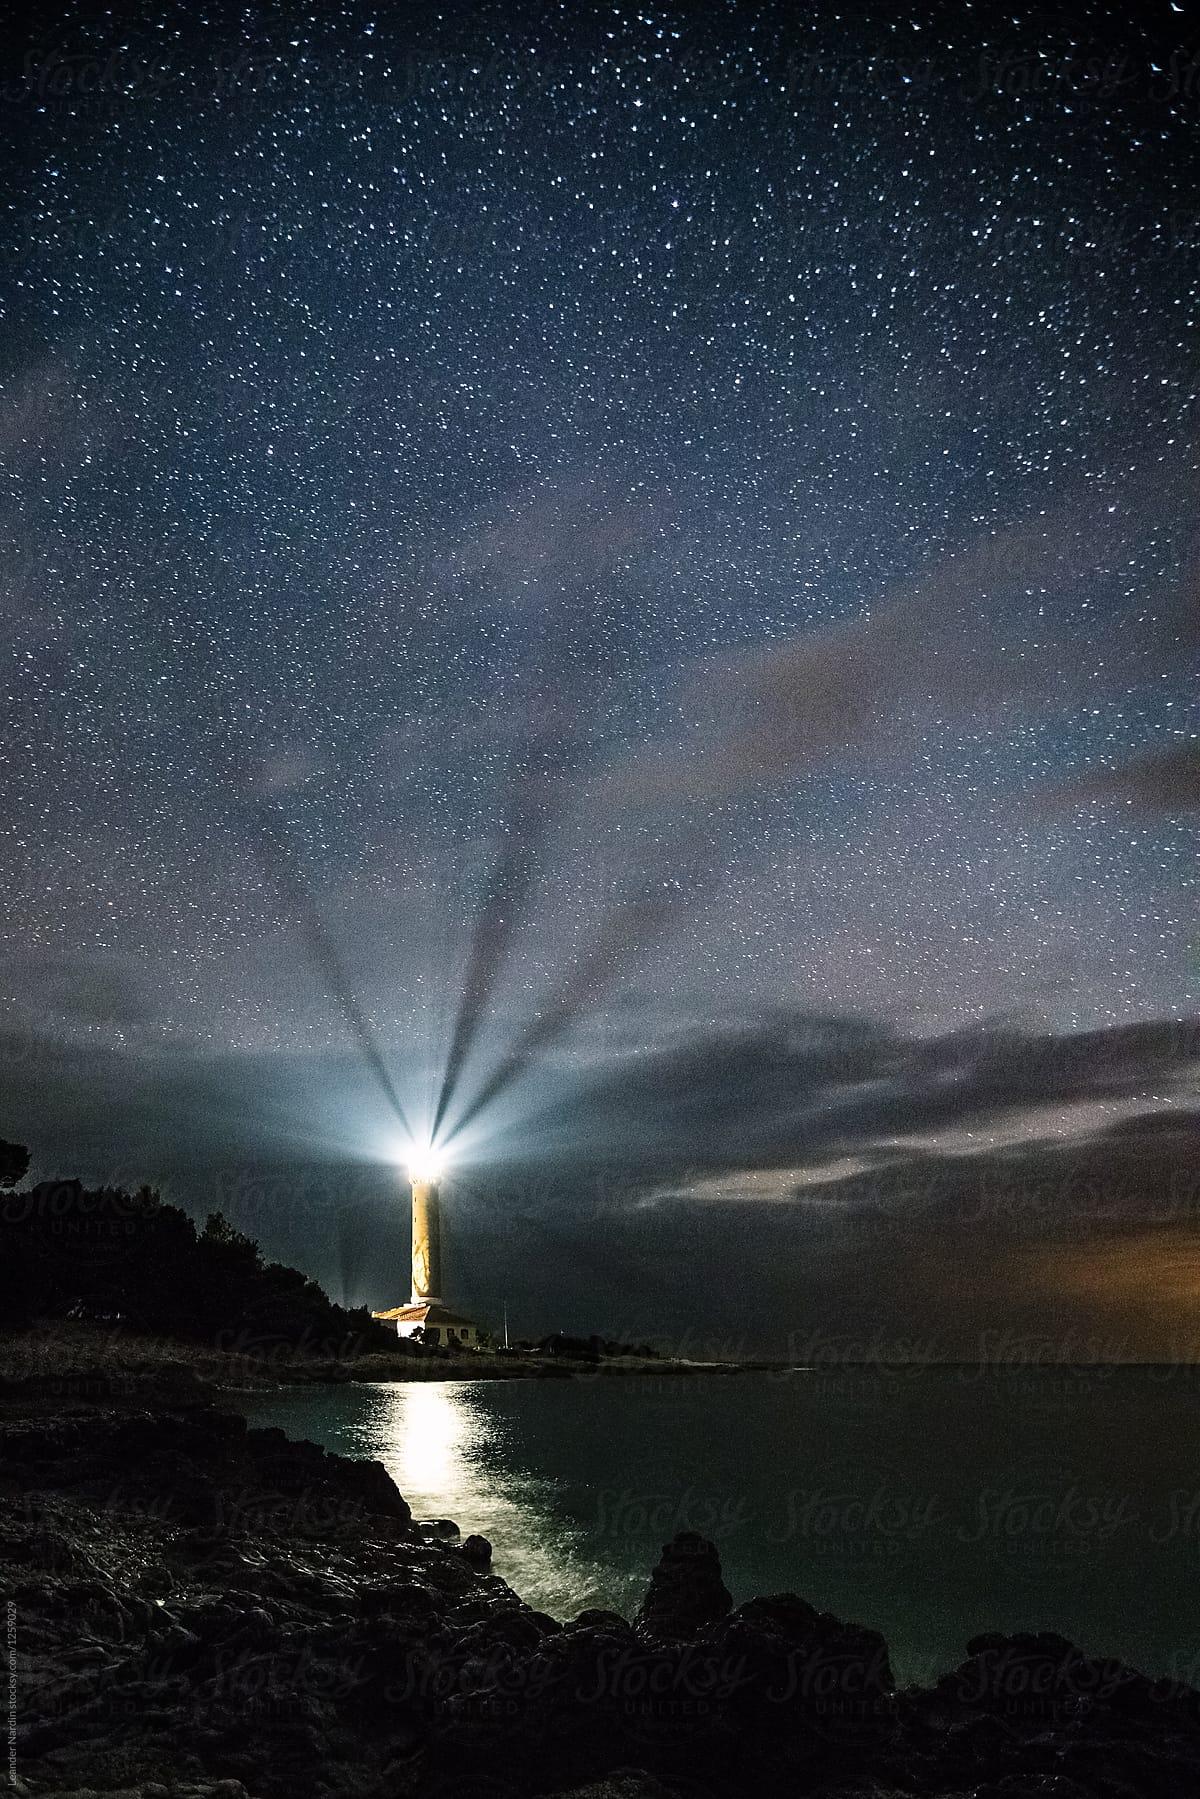 Lighthouse Under Starry Night Sky | Stocksy United